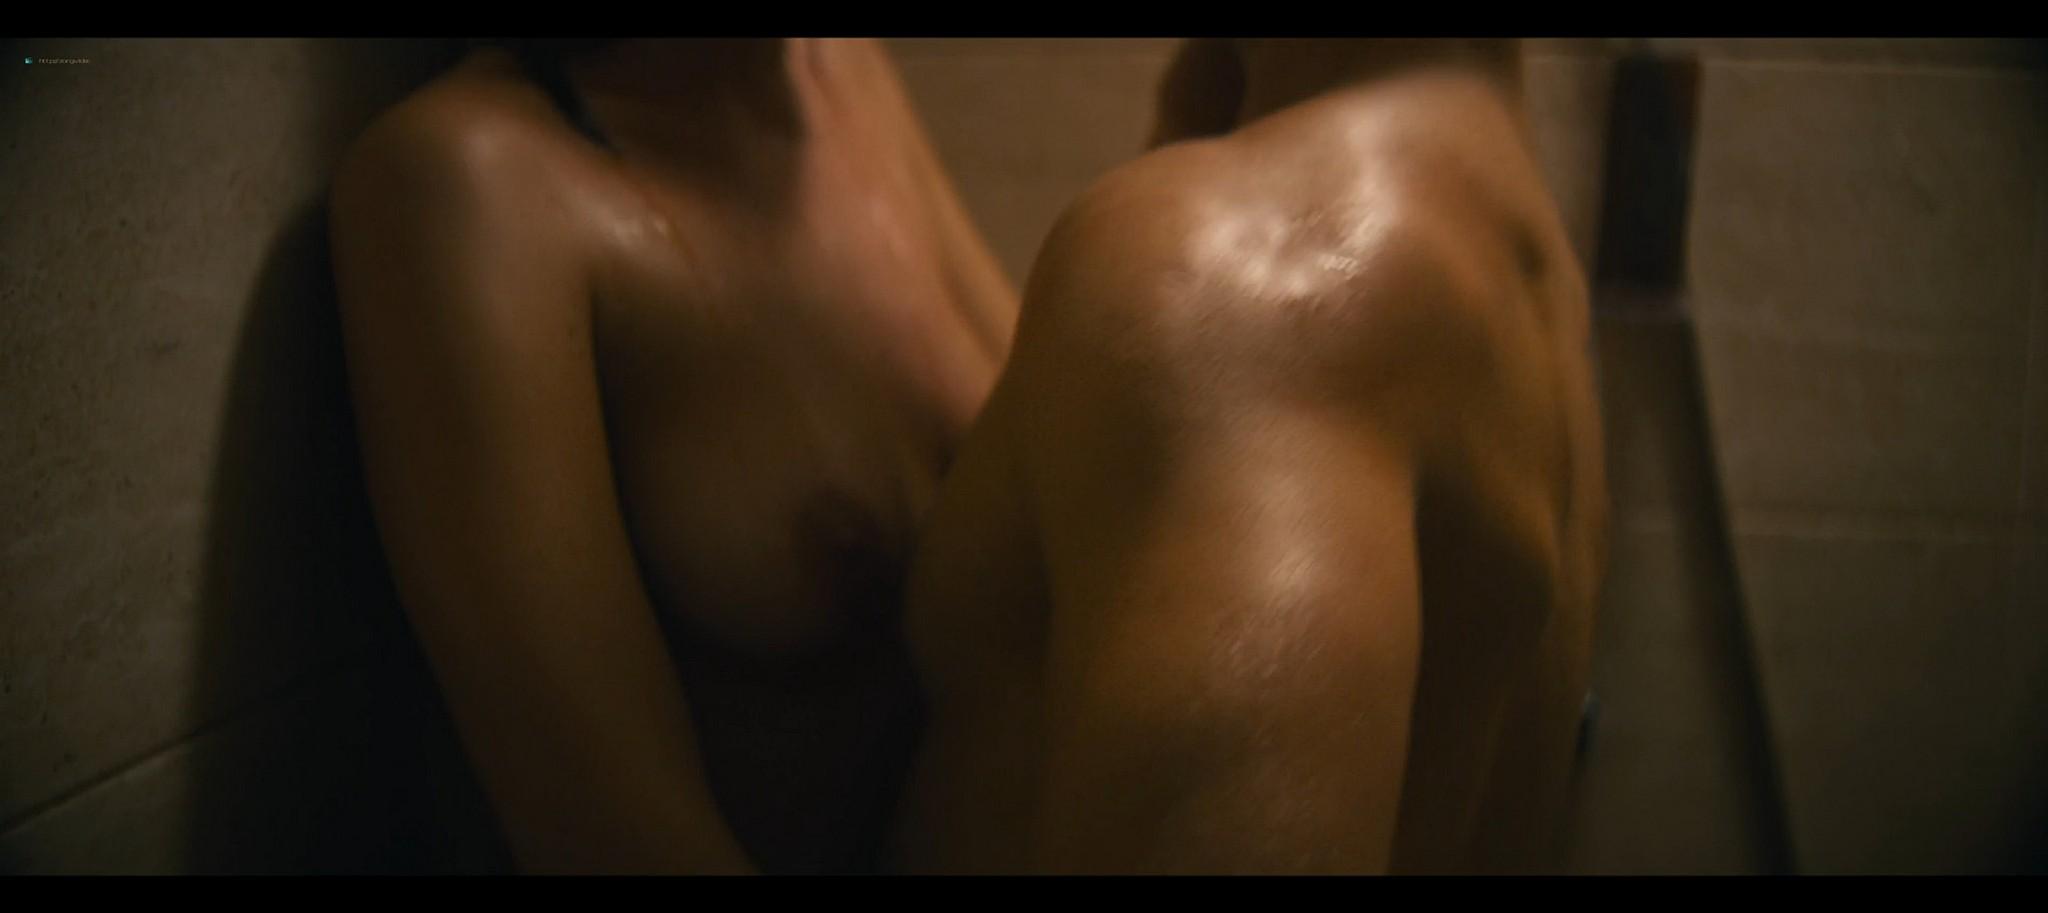 Michelle J Wright nude and sex Gabriela Brinza nude sex Introspectum Motel 2021 1080p Web 8